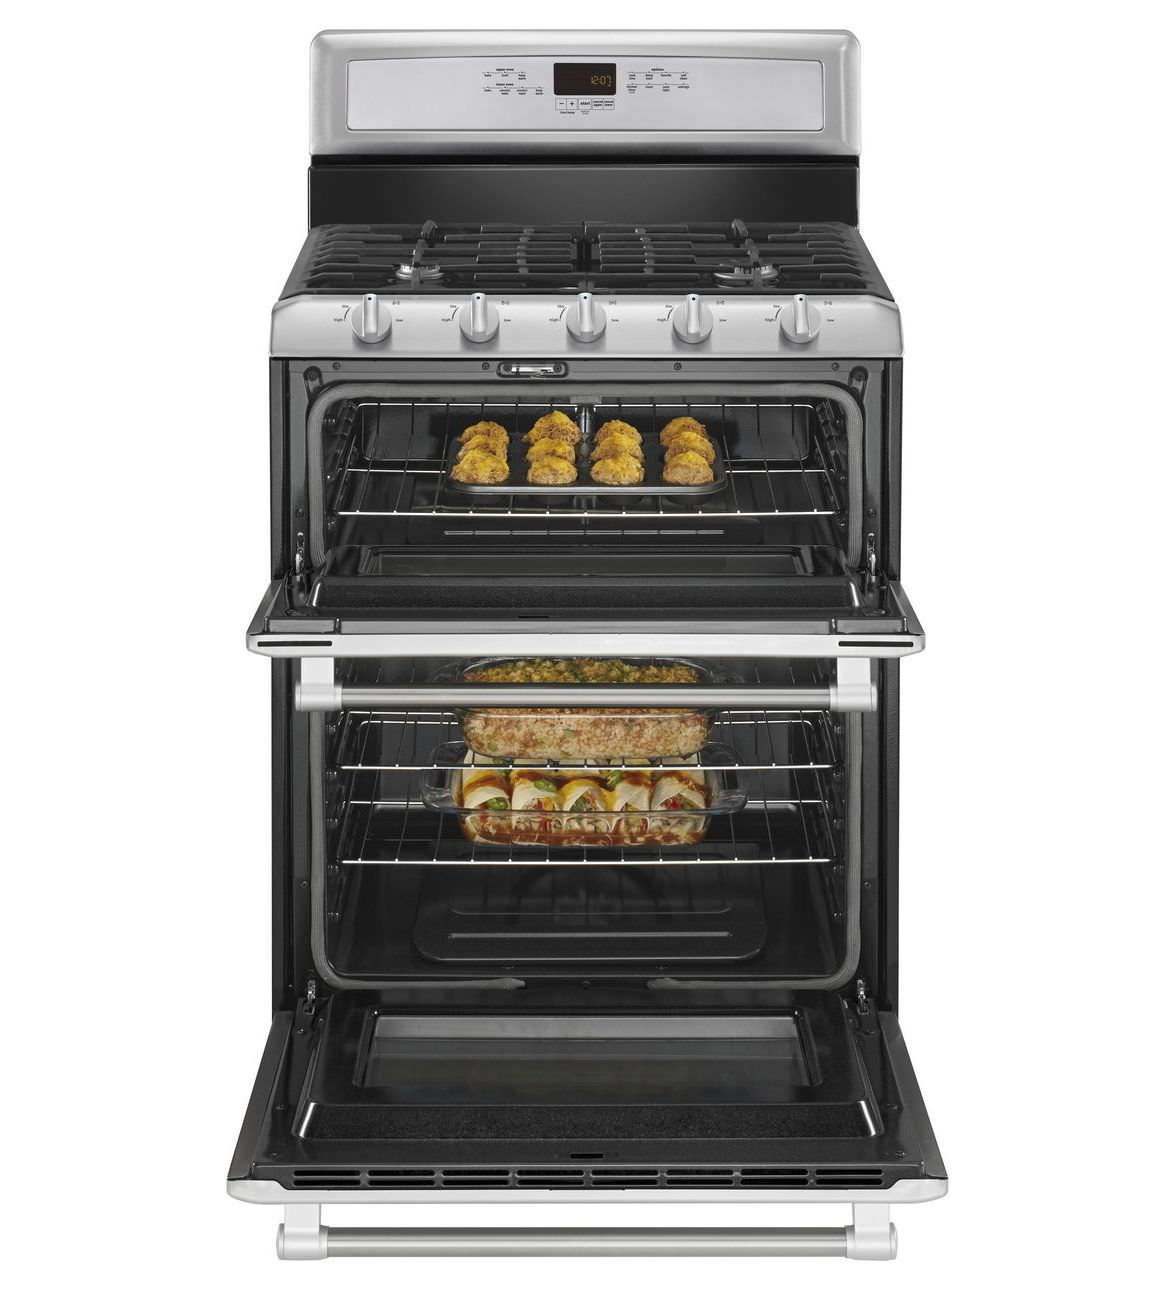 Cocina con horno de gas - MGT8720DS - Maytag